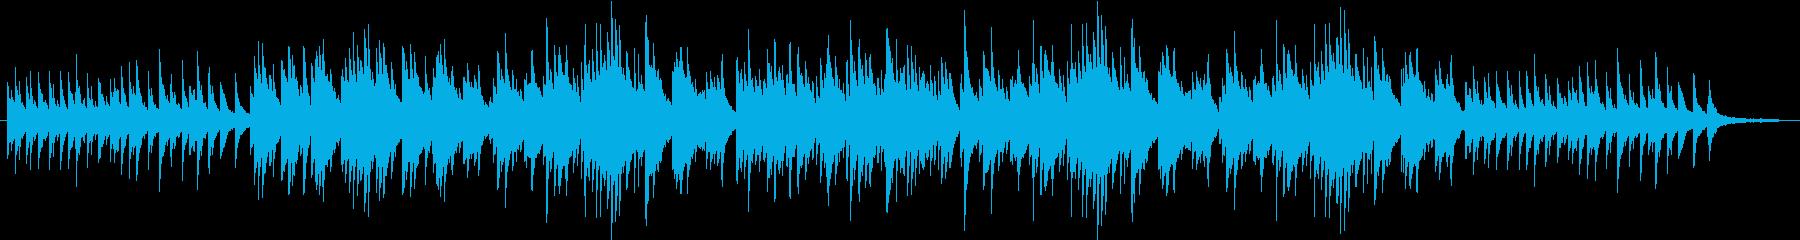 哀しみの回想シーン風ピアノソロ曲の再生済みの波形